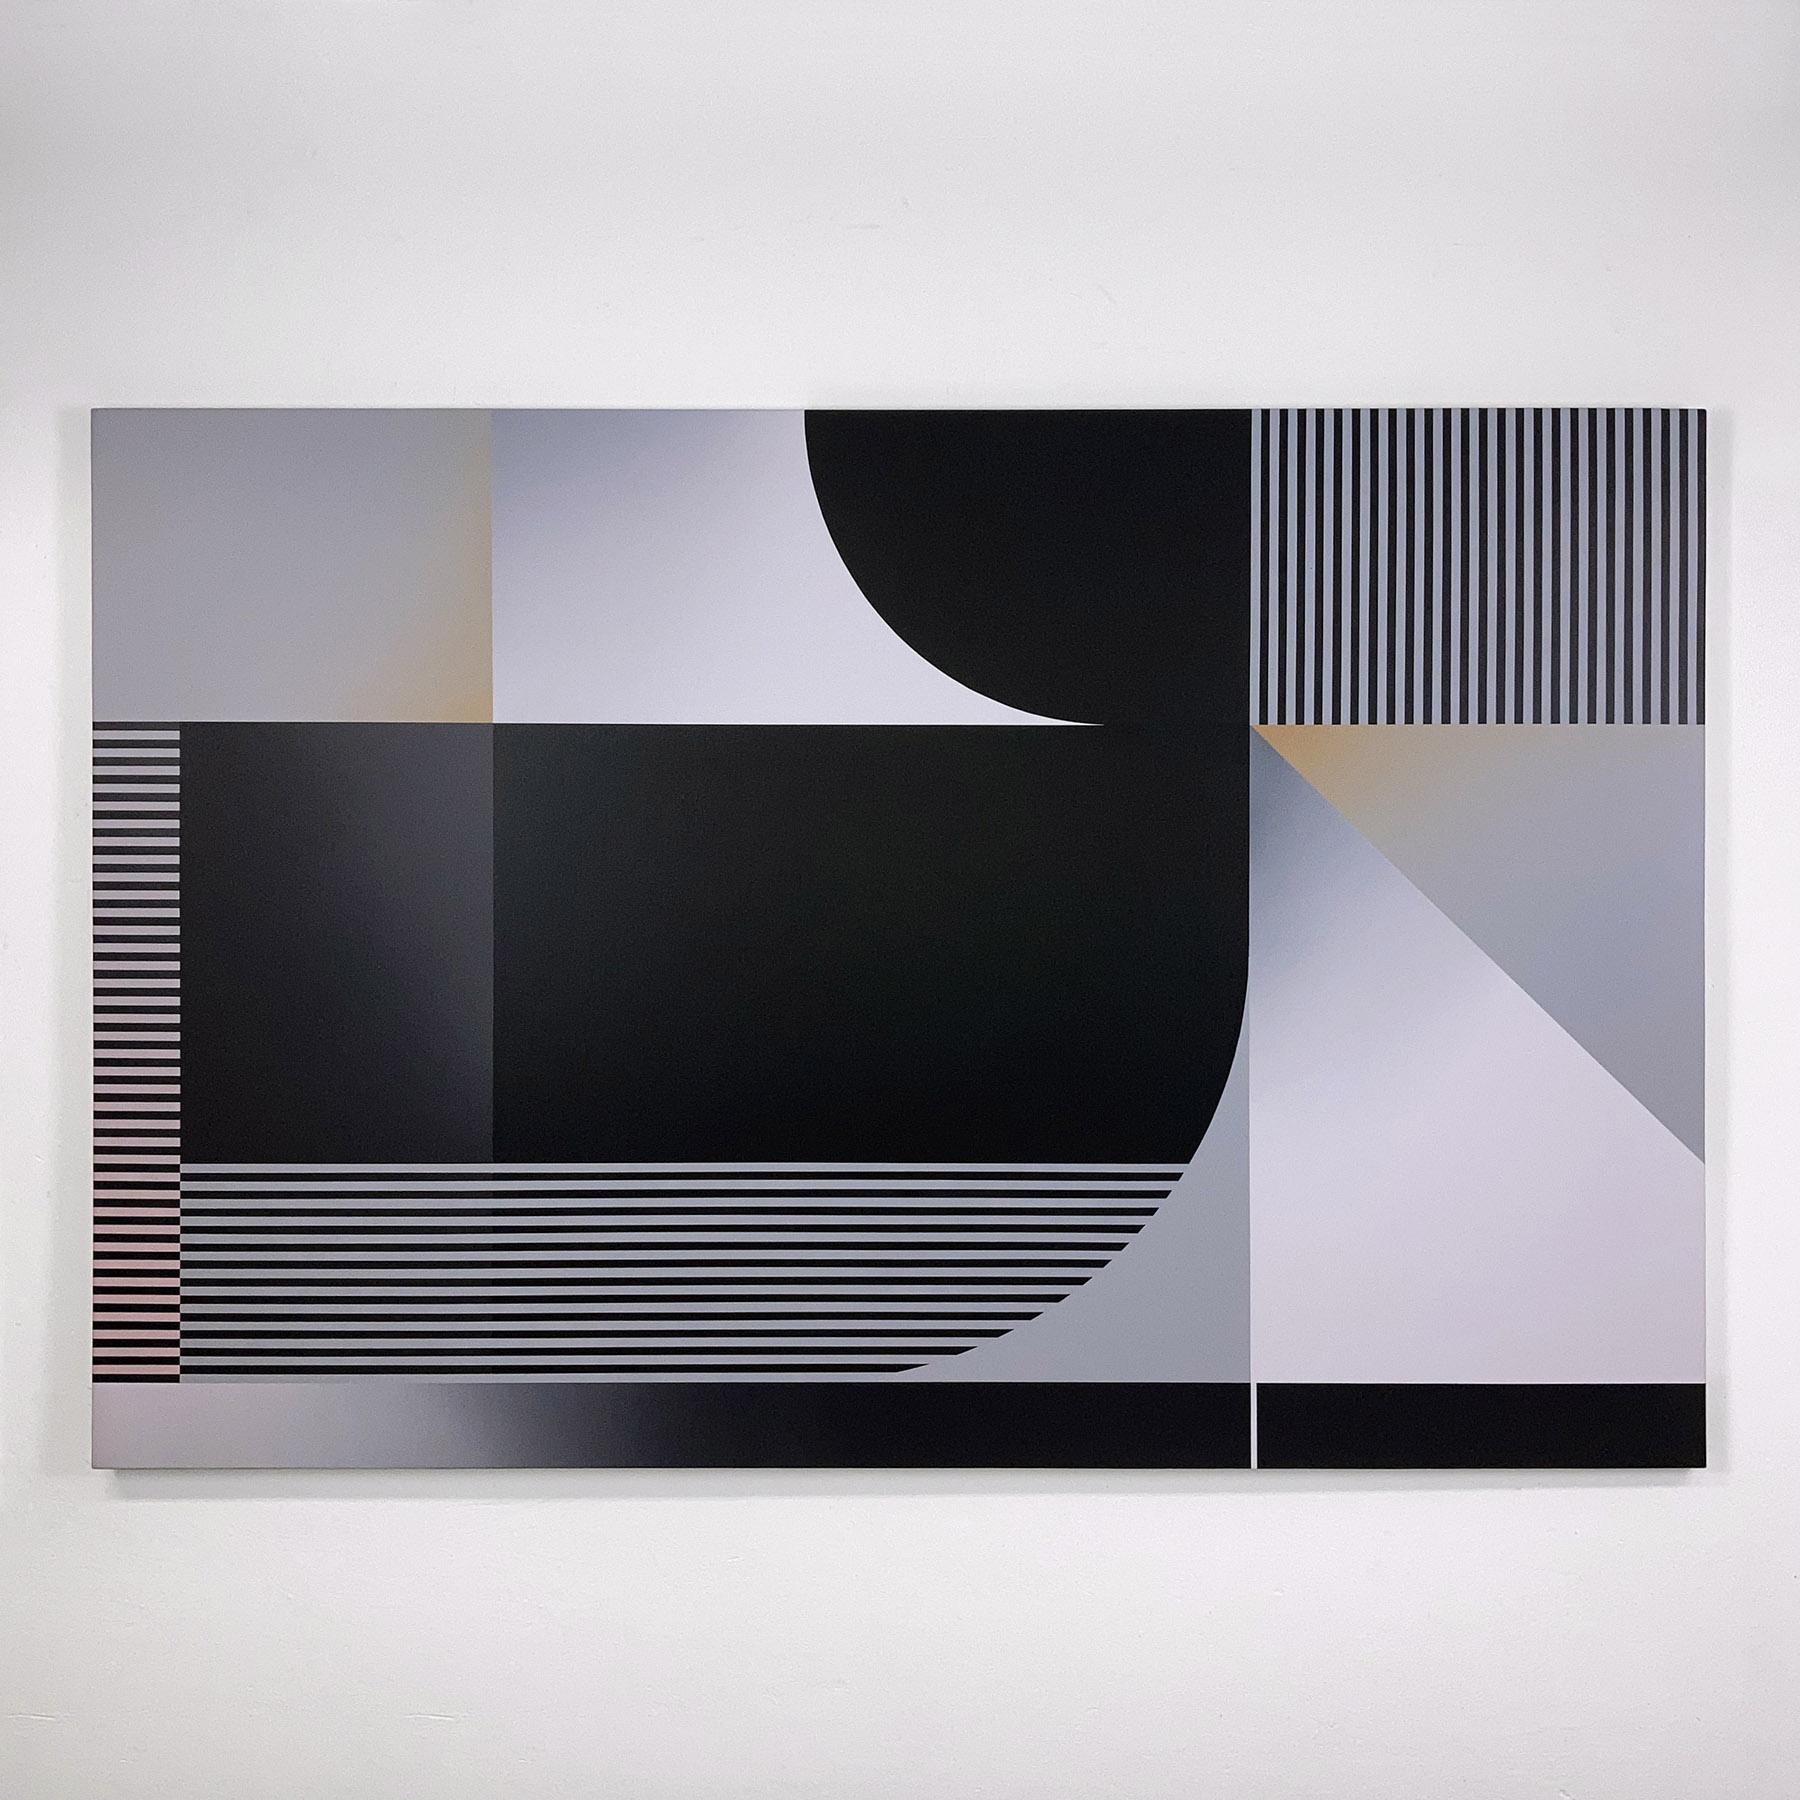 acrylic on canvas, 120 x 180 cm